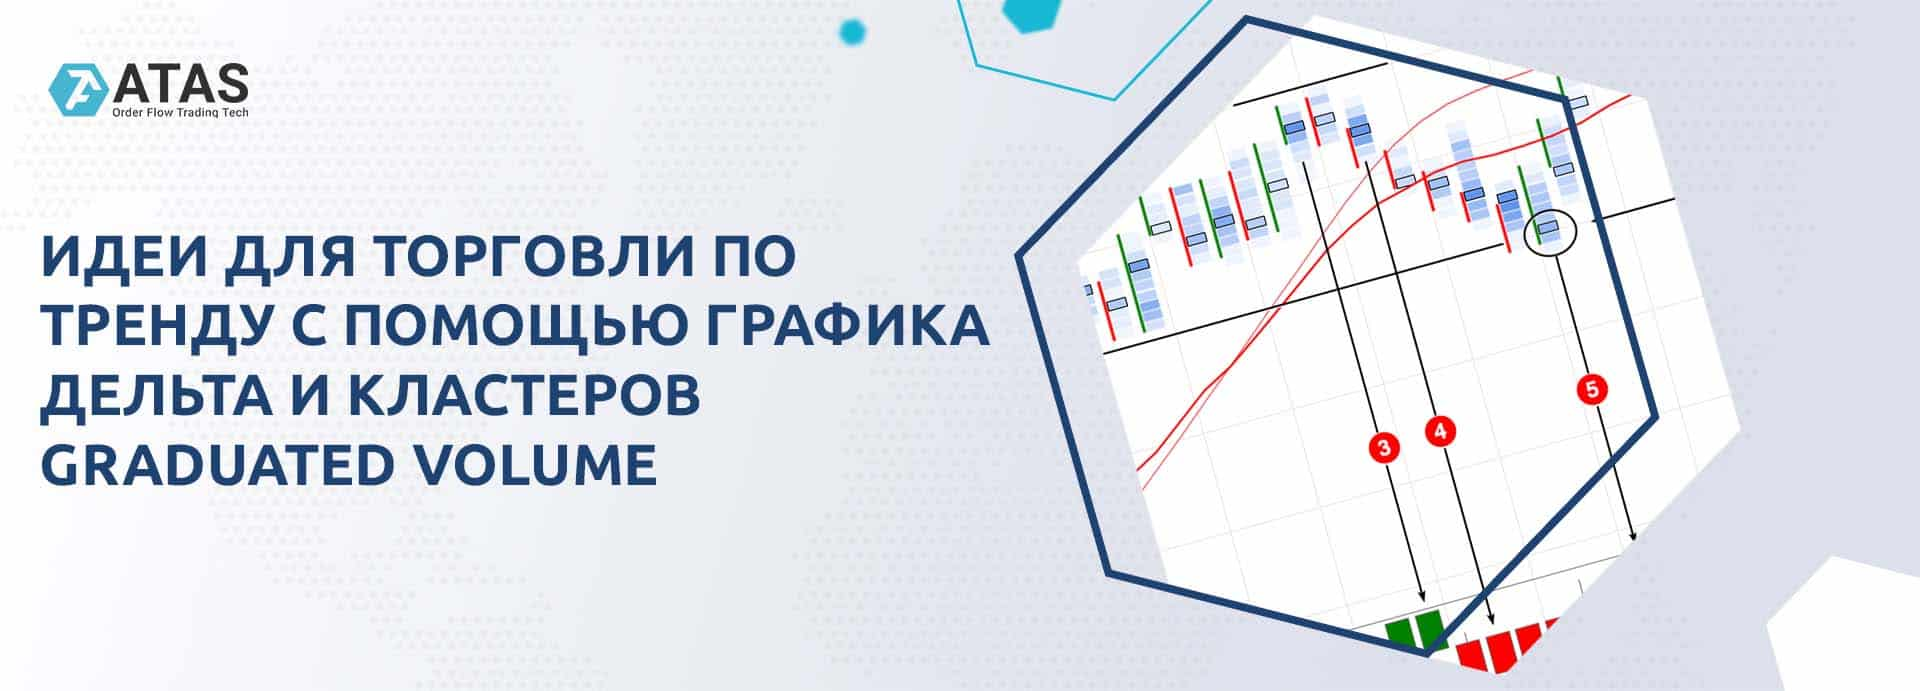 Идеи для торговли по тренду с помощью графика Дельта и кластеров Graduated Volume